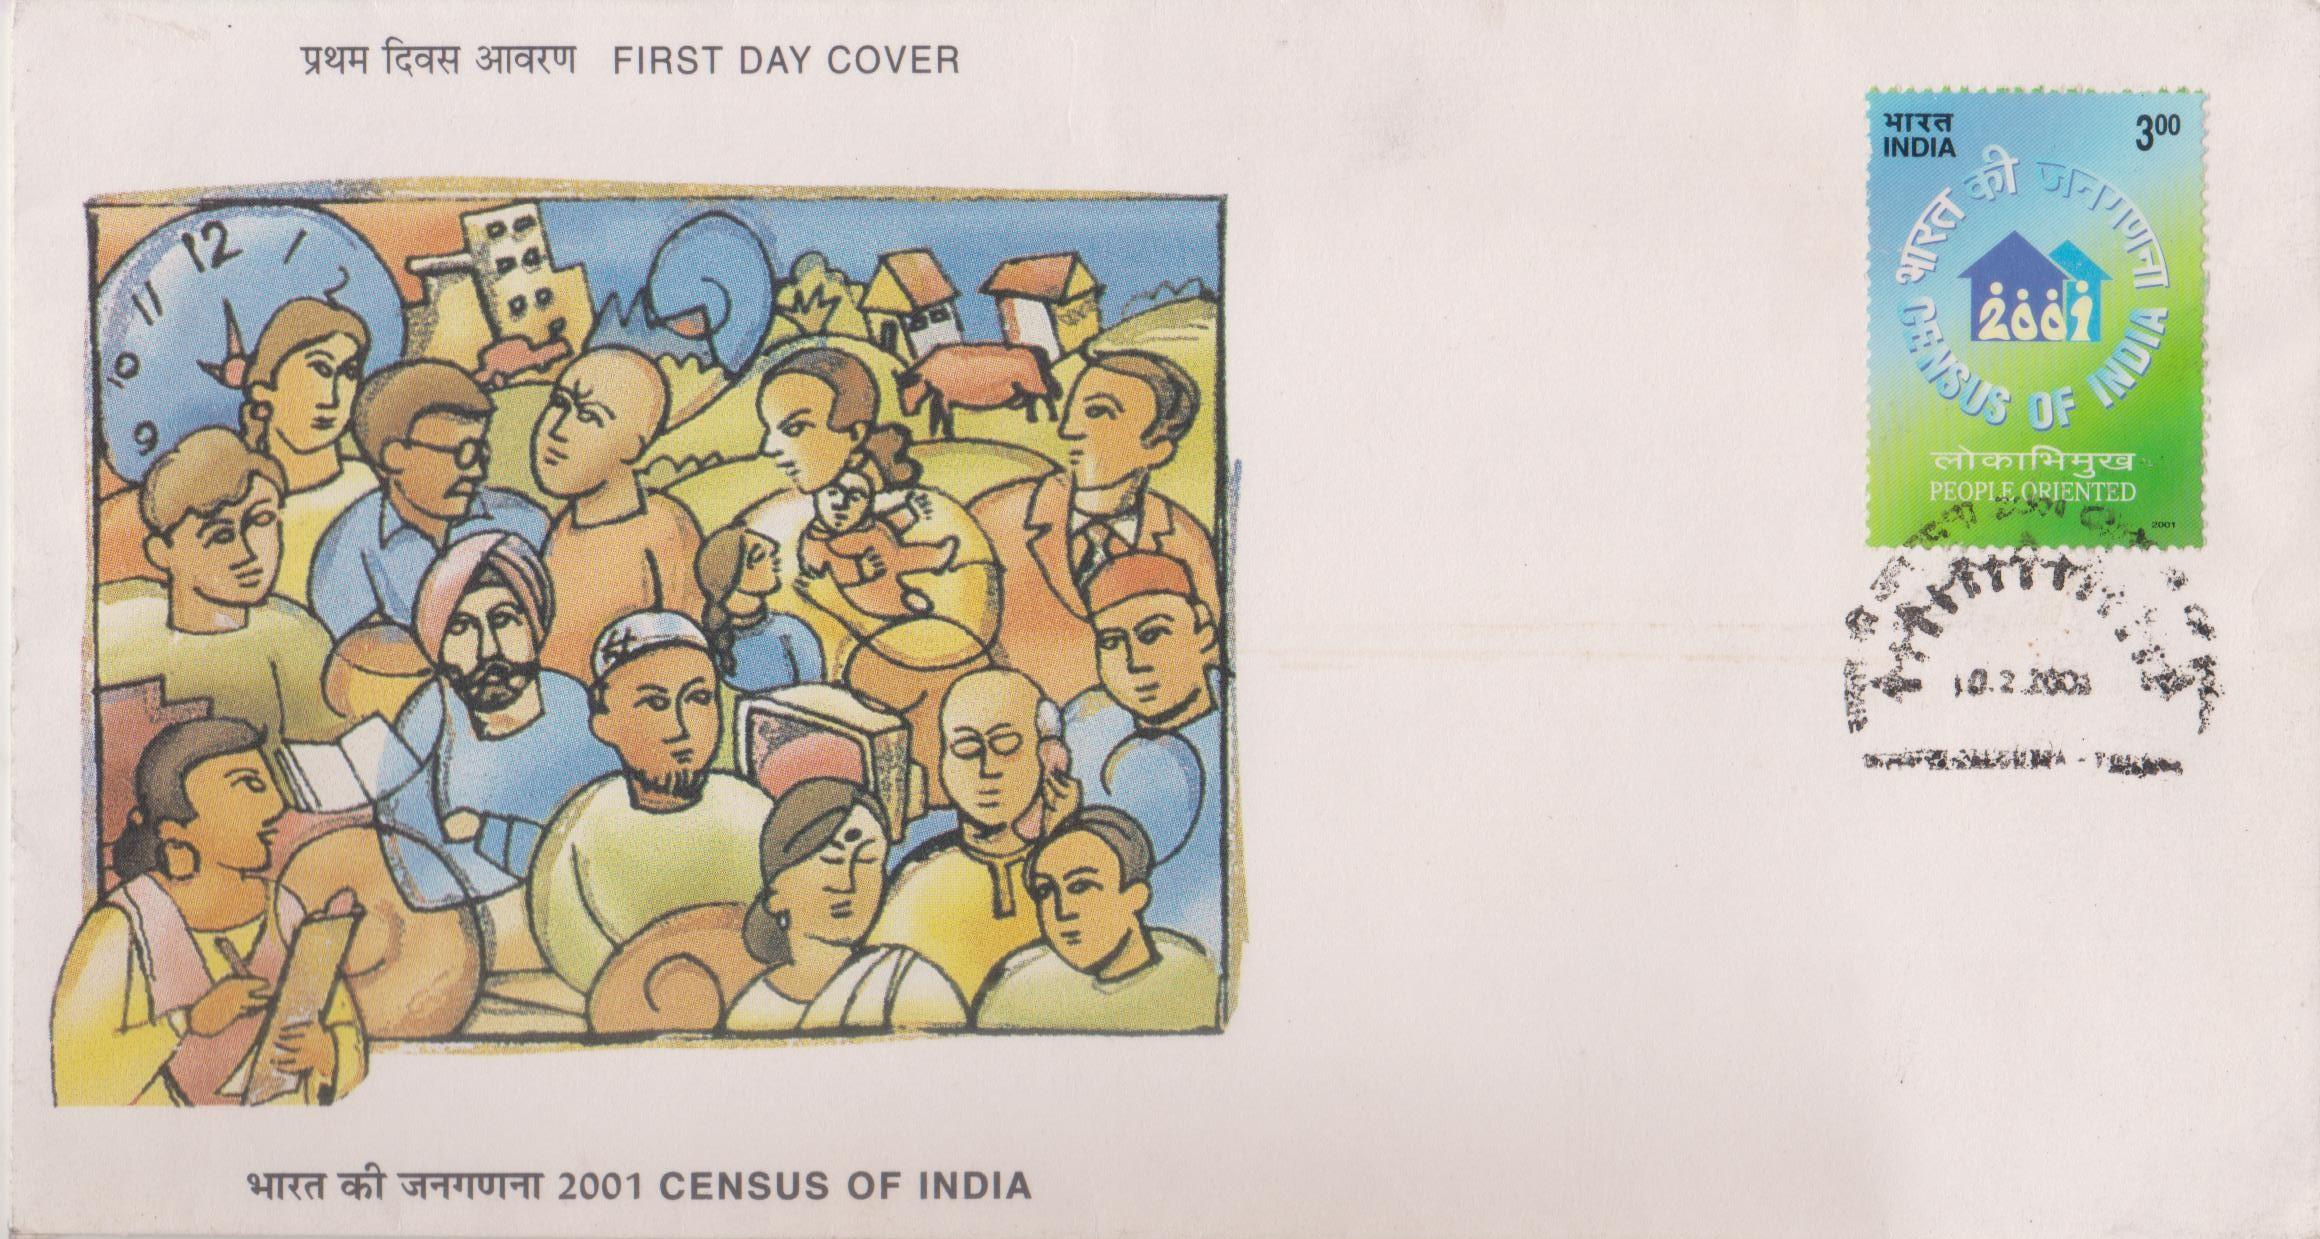 Census Operation in India 2001